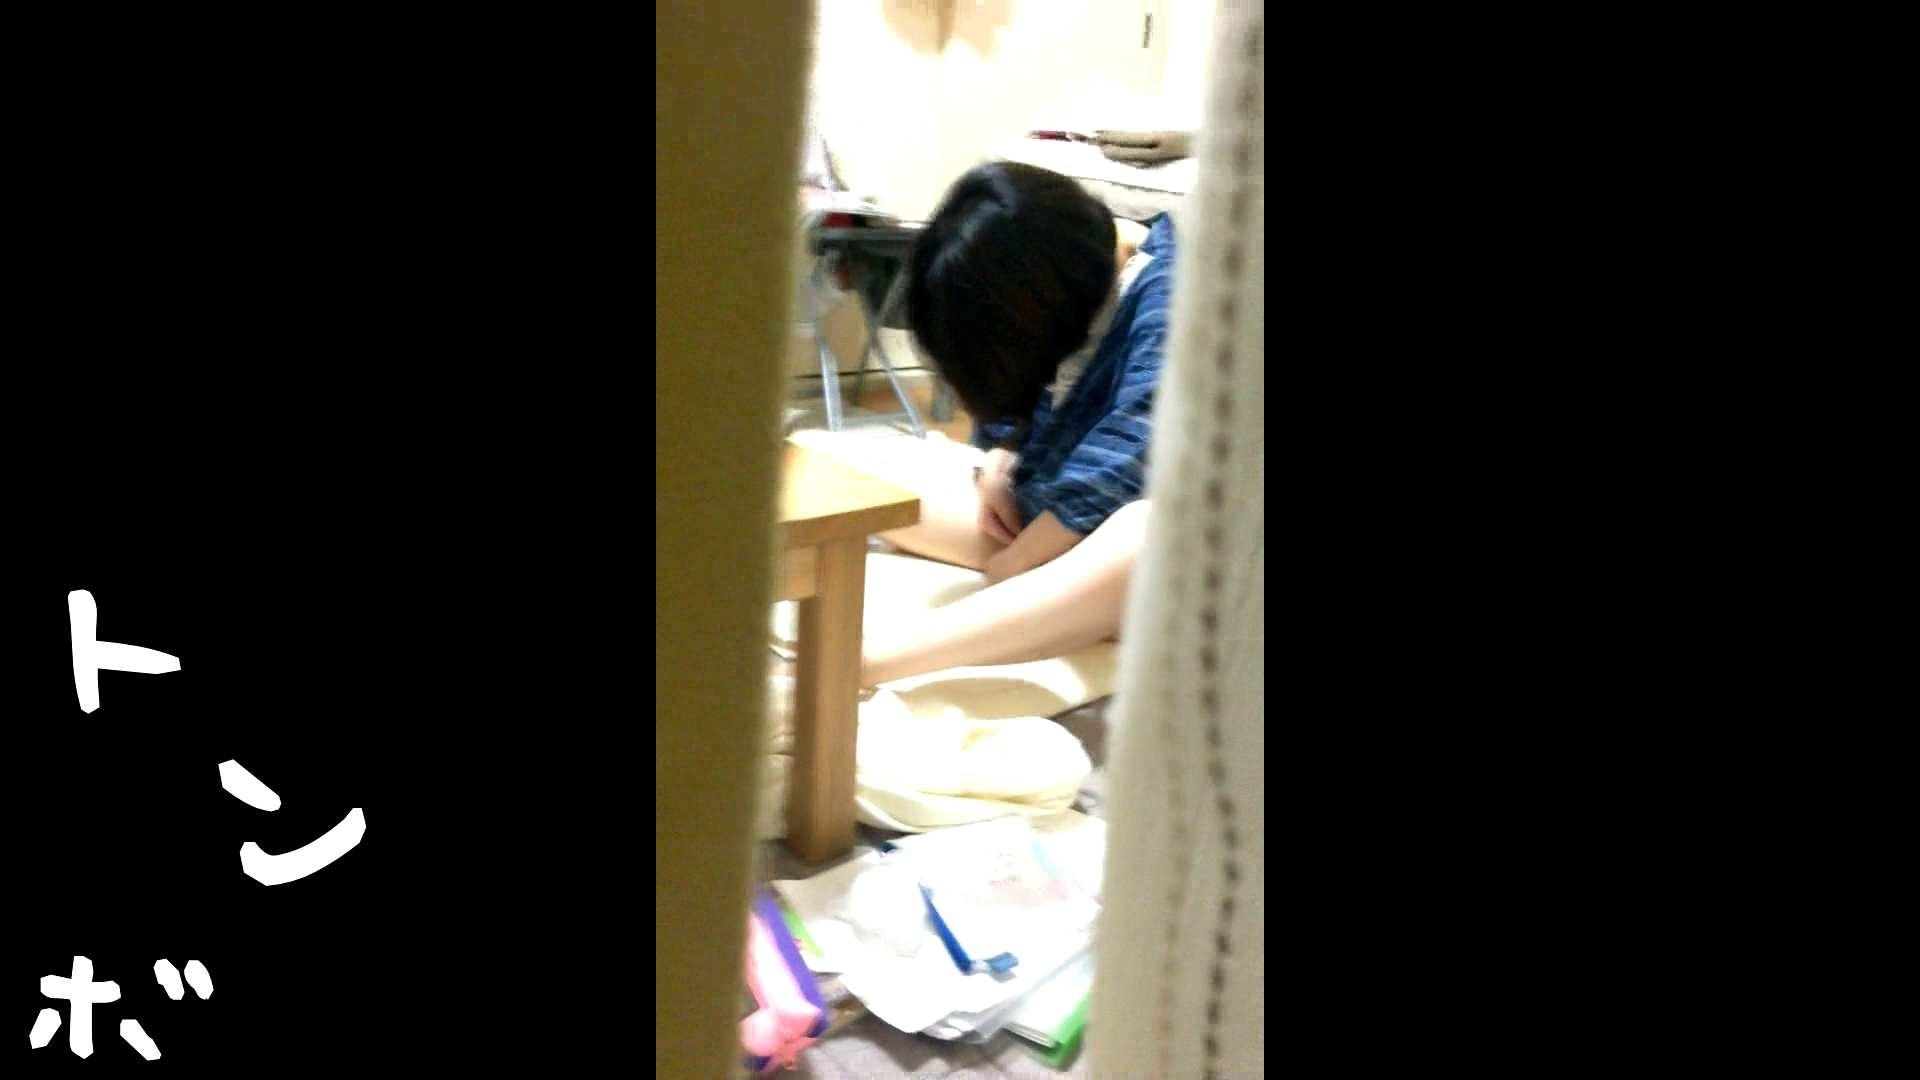 リアル盗撮 作家志望J子 アソコのお手入れ最中に感じてパンツを湿らす 盗撮   高画質  105pic 31